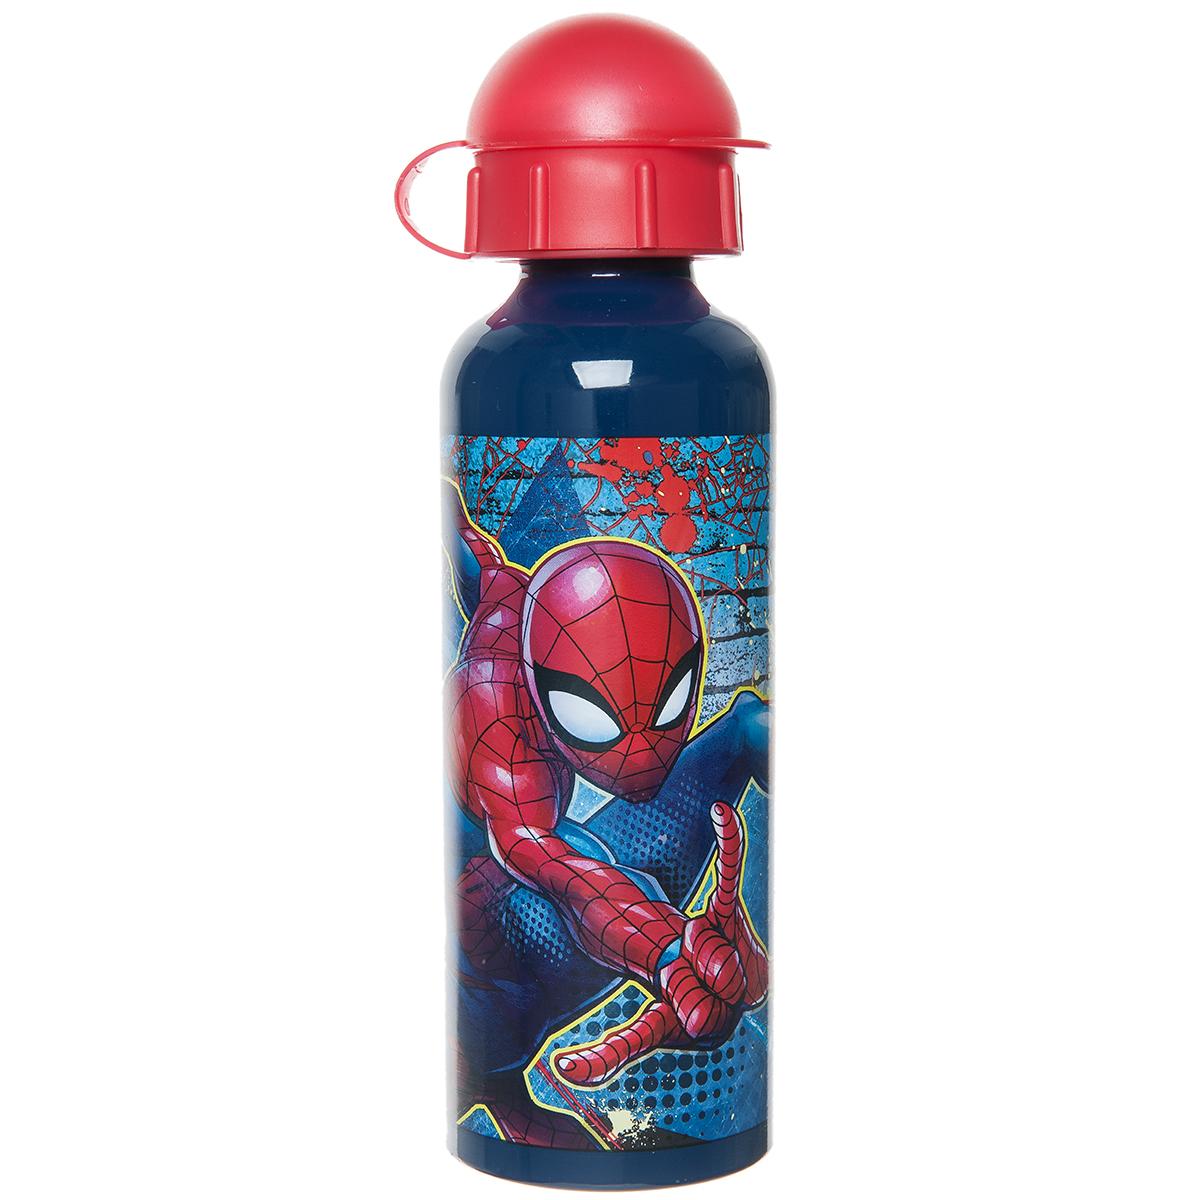 Παγούρι Αλουμινίου Spiderman (520ml) 00022399 - MULTICOLOR - 2954-0043/3/196/95